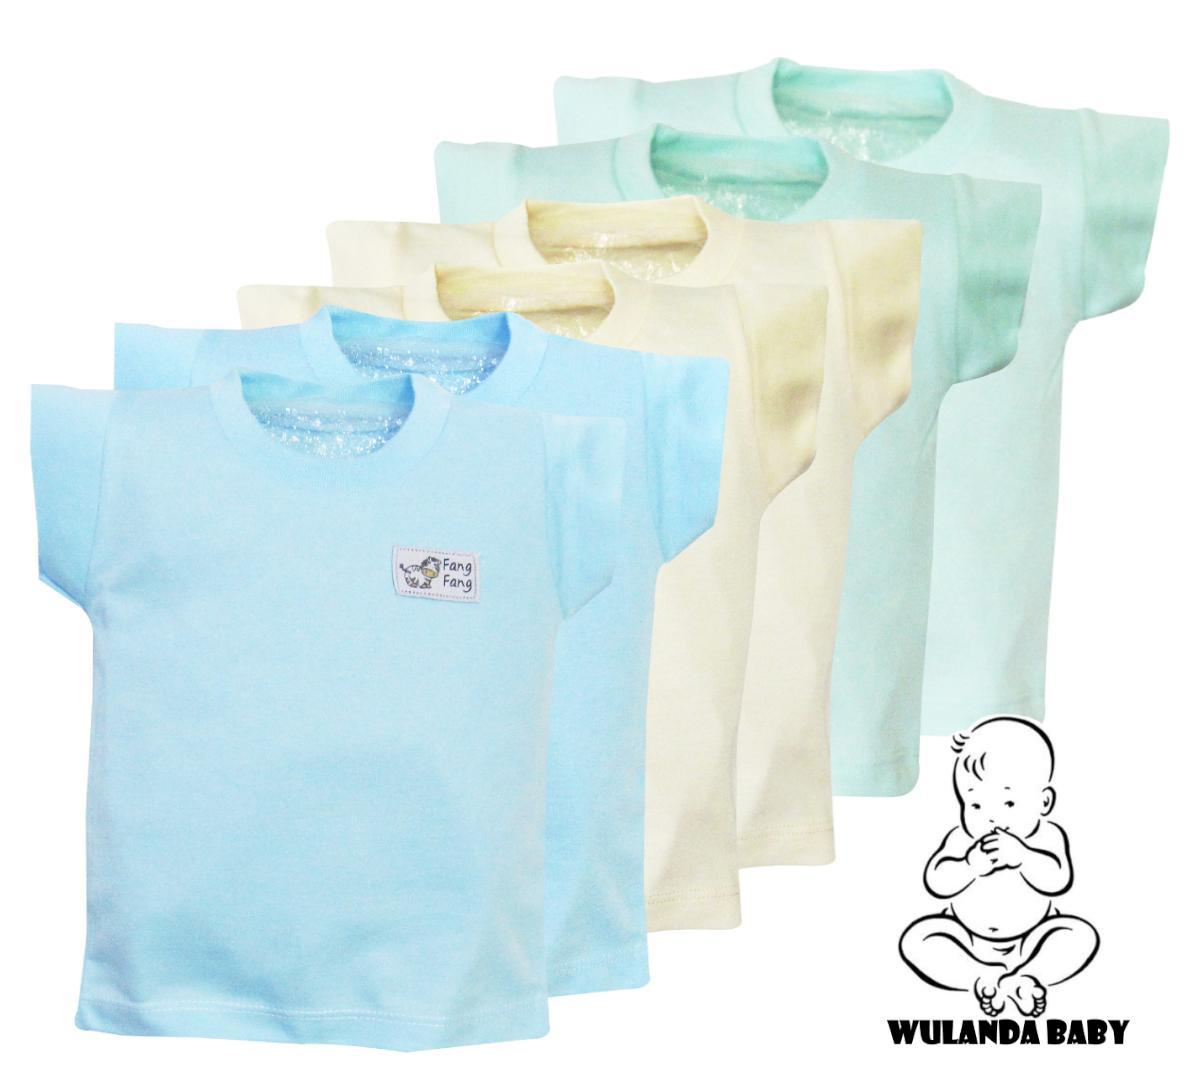 Wulanda 6 pcs baju kaus oblong anak bayi laki laki dan perempuan kaos warna polos fang